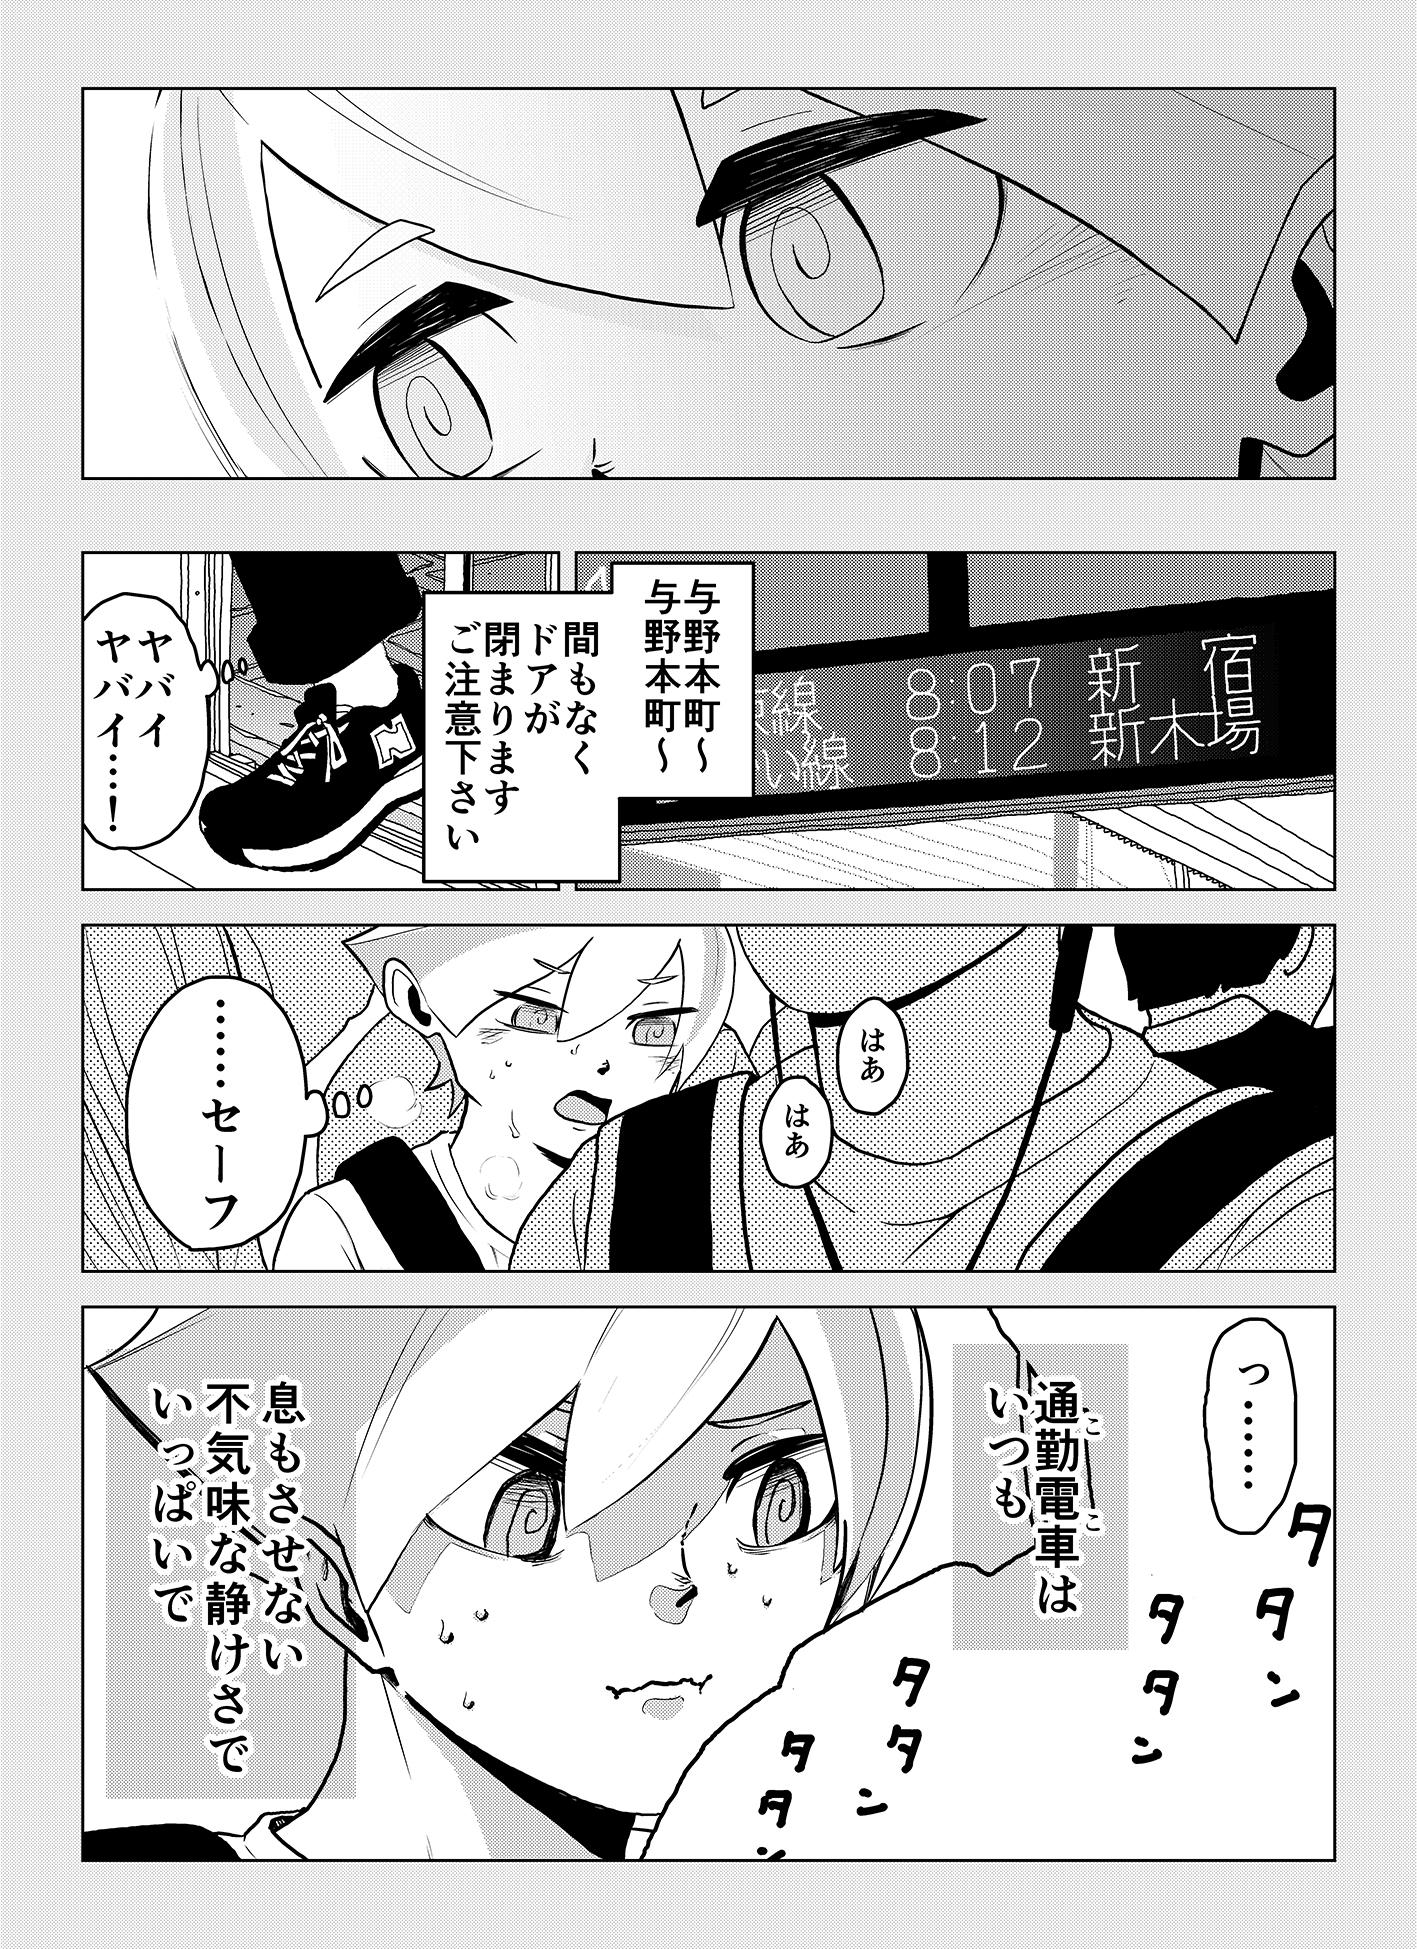 share_11_008